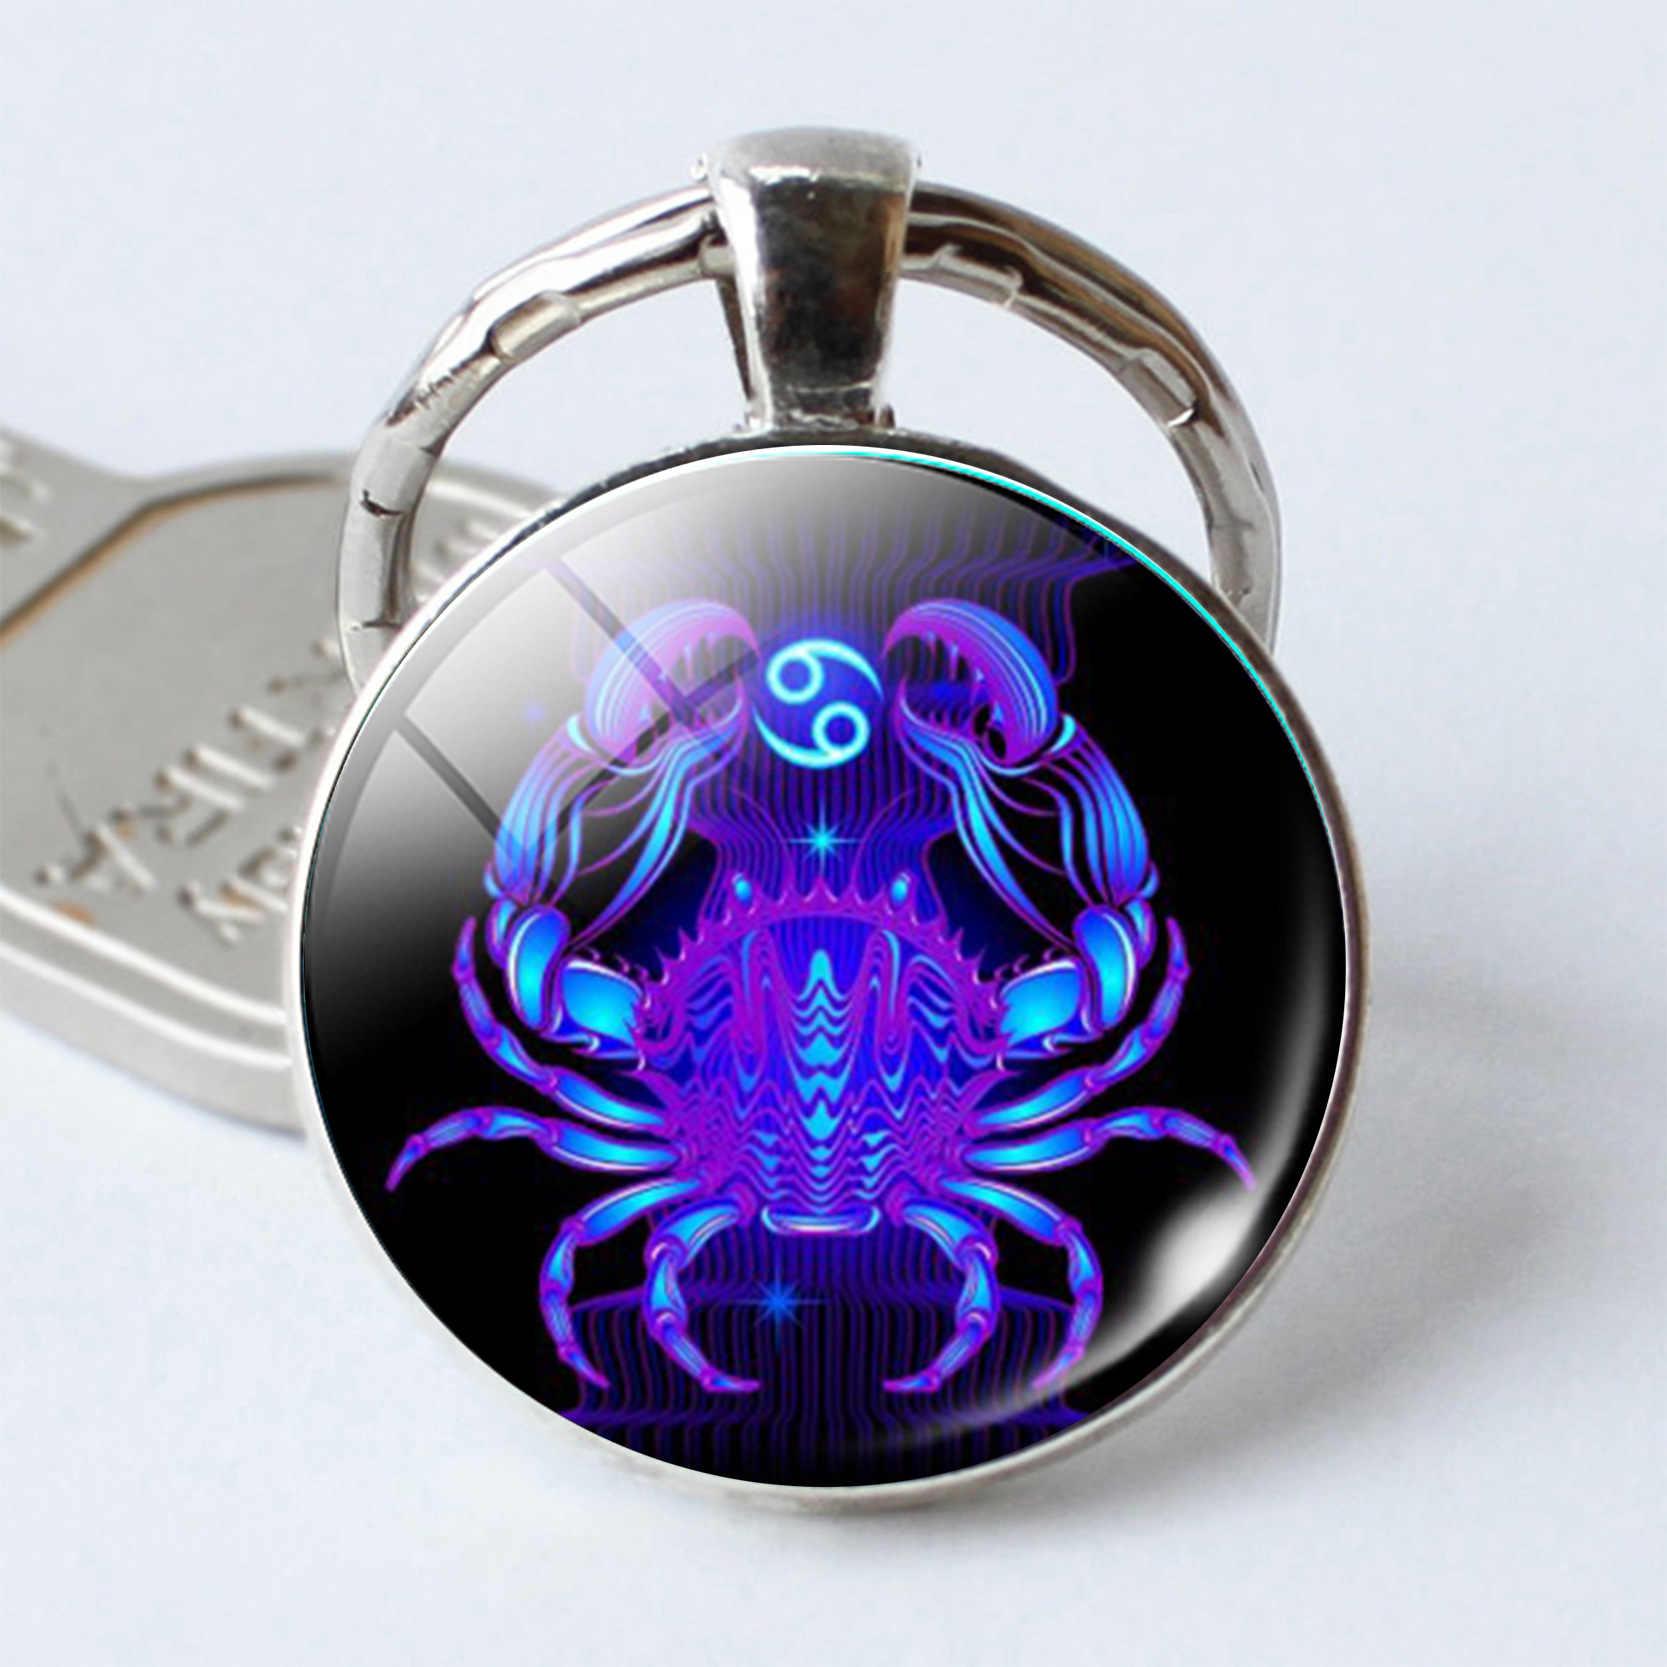 Segno zodiacale Keychain 12 Costellazione del Leone Vergine Bilancia Scorpione Sagittario Ciondolo Doppio Viso Portachiavi Chiave